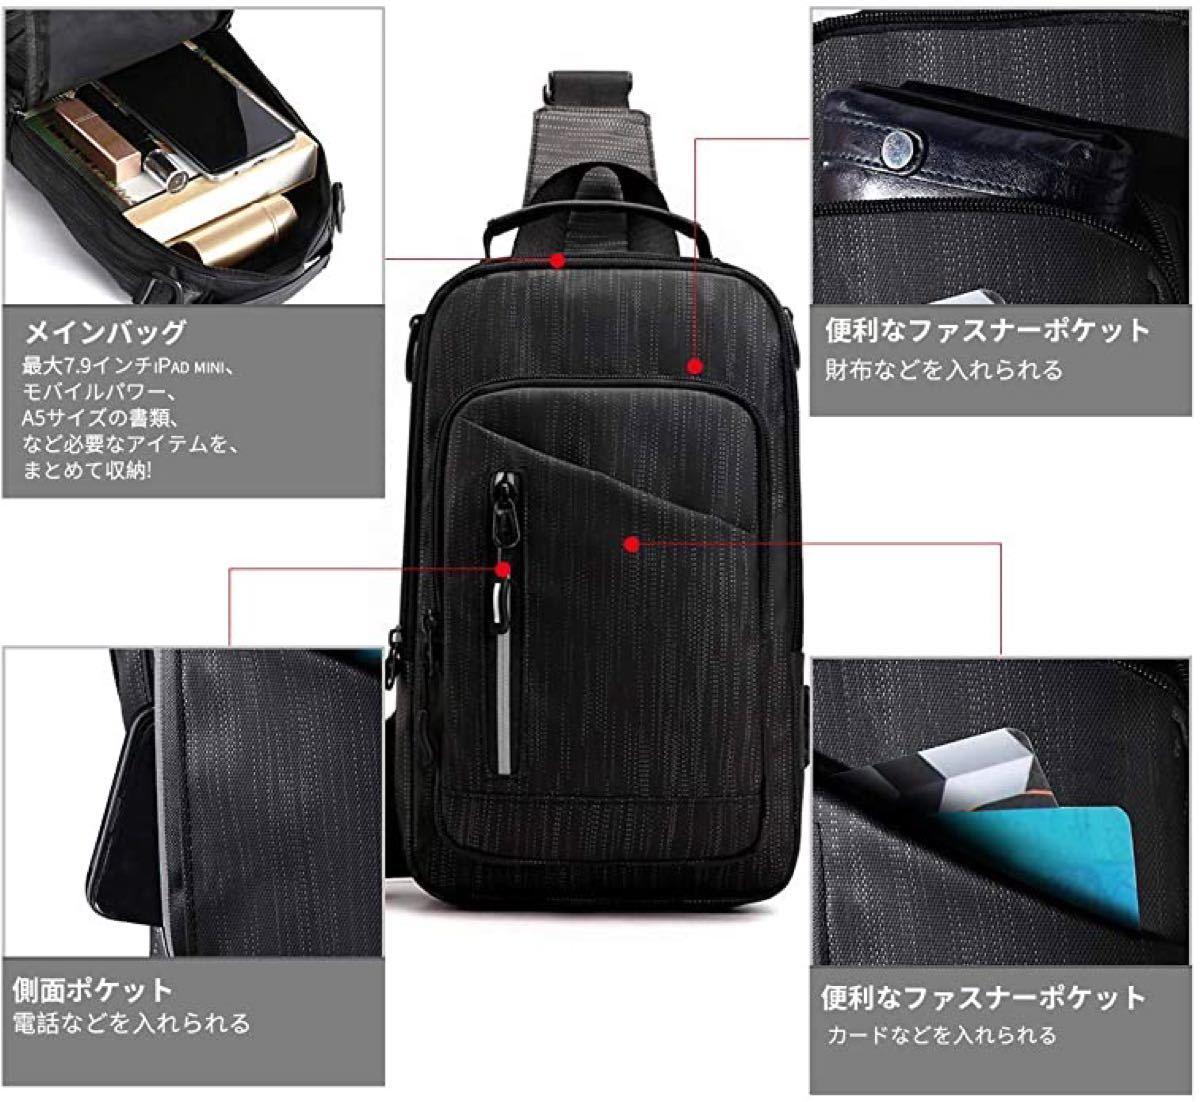 ボディバッグ メンズ 斜めがけ ショルダーバッグ 大容量 iPad収納 ワンショルダーバッグ USBポート付き 防水 iPad収納